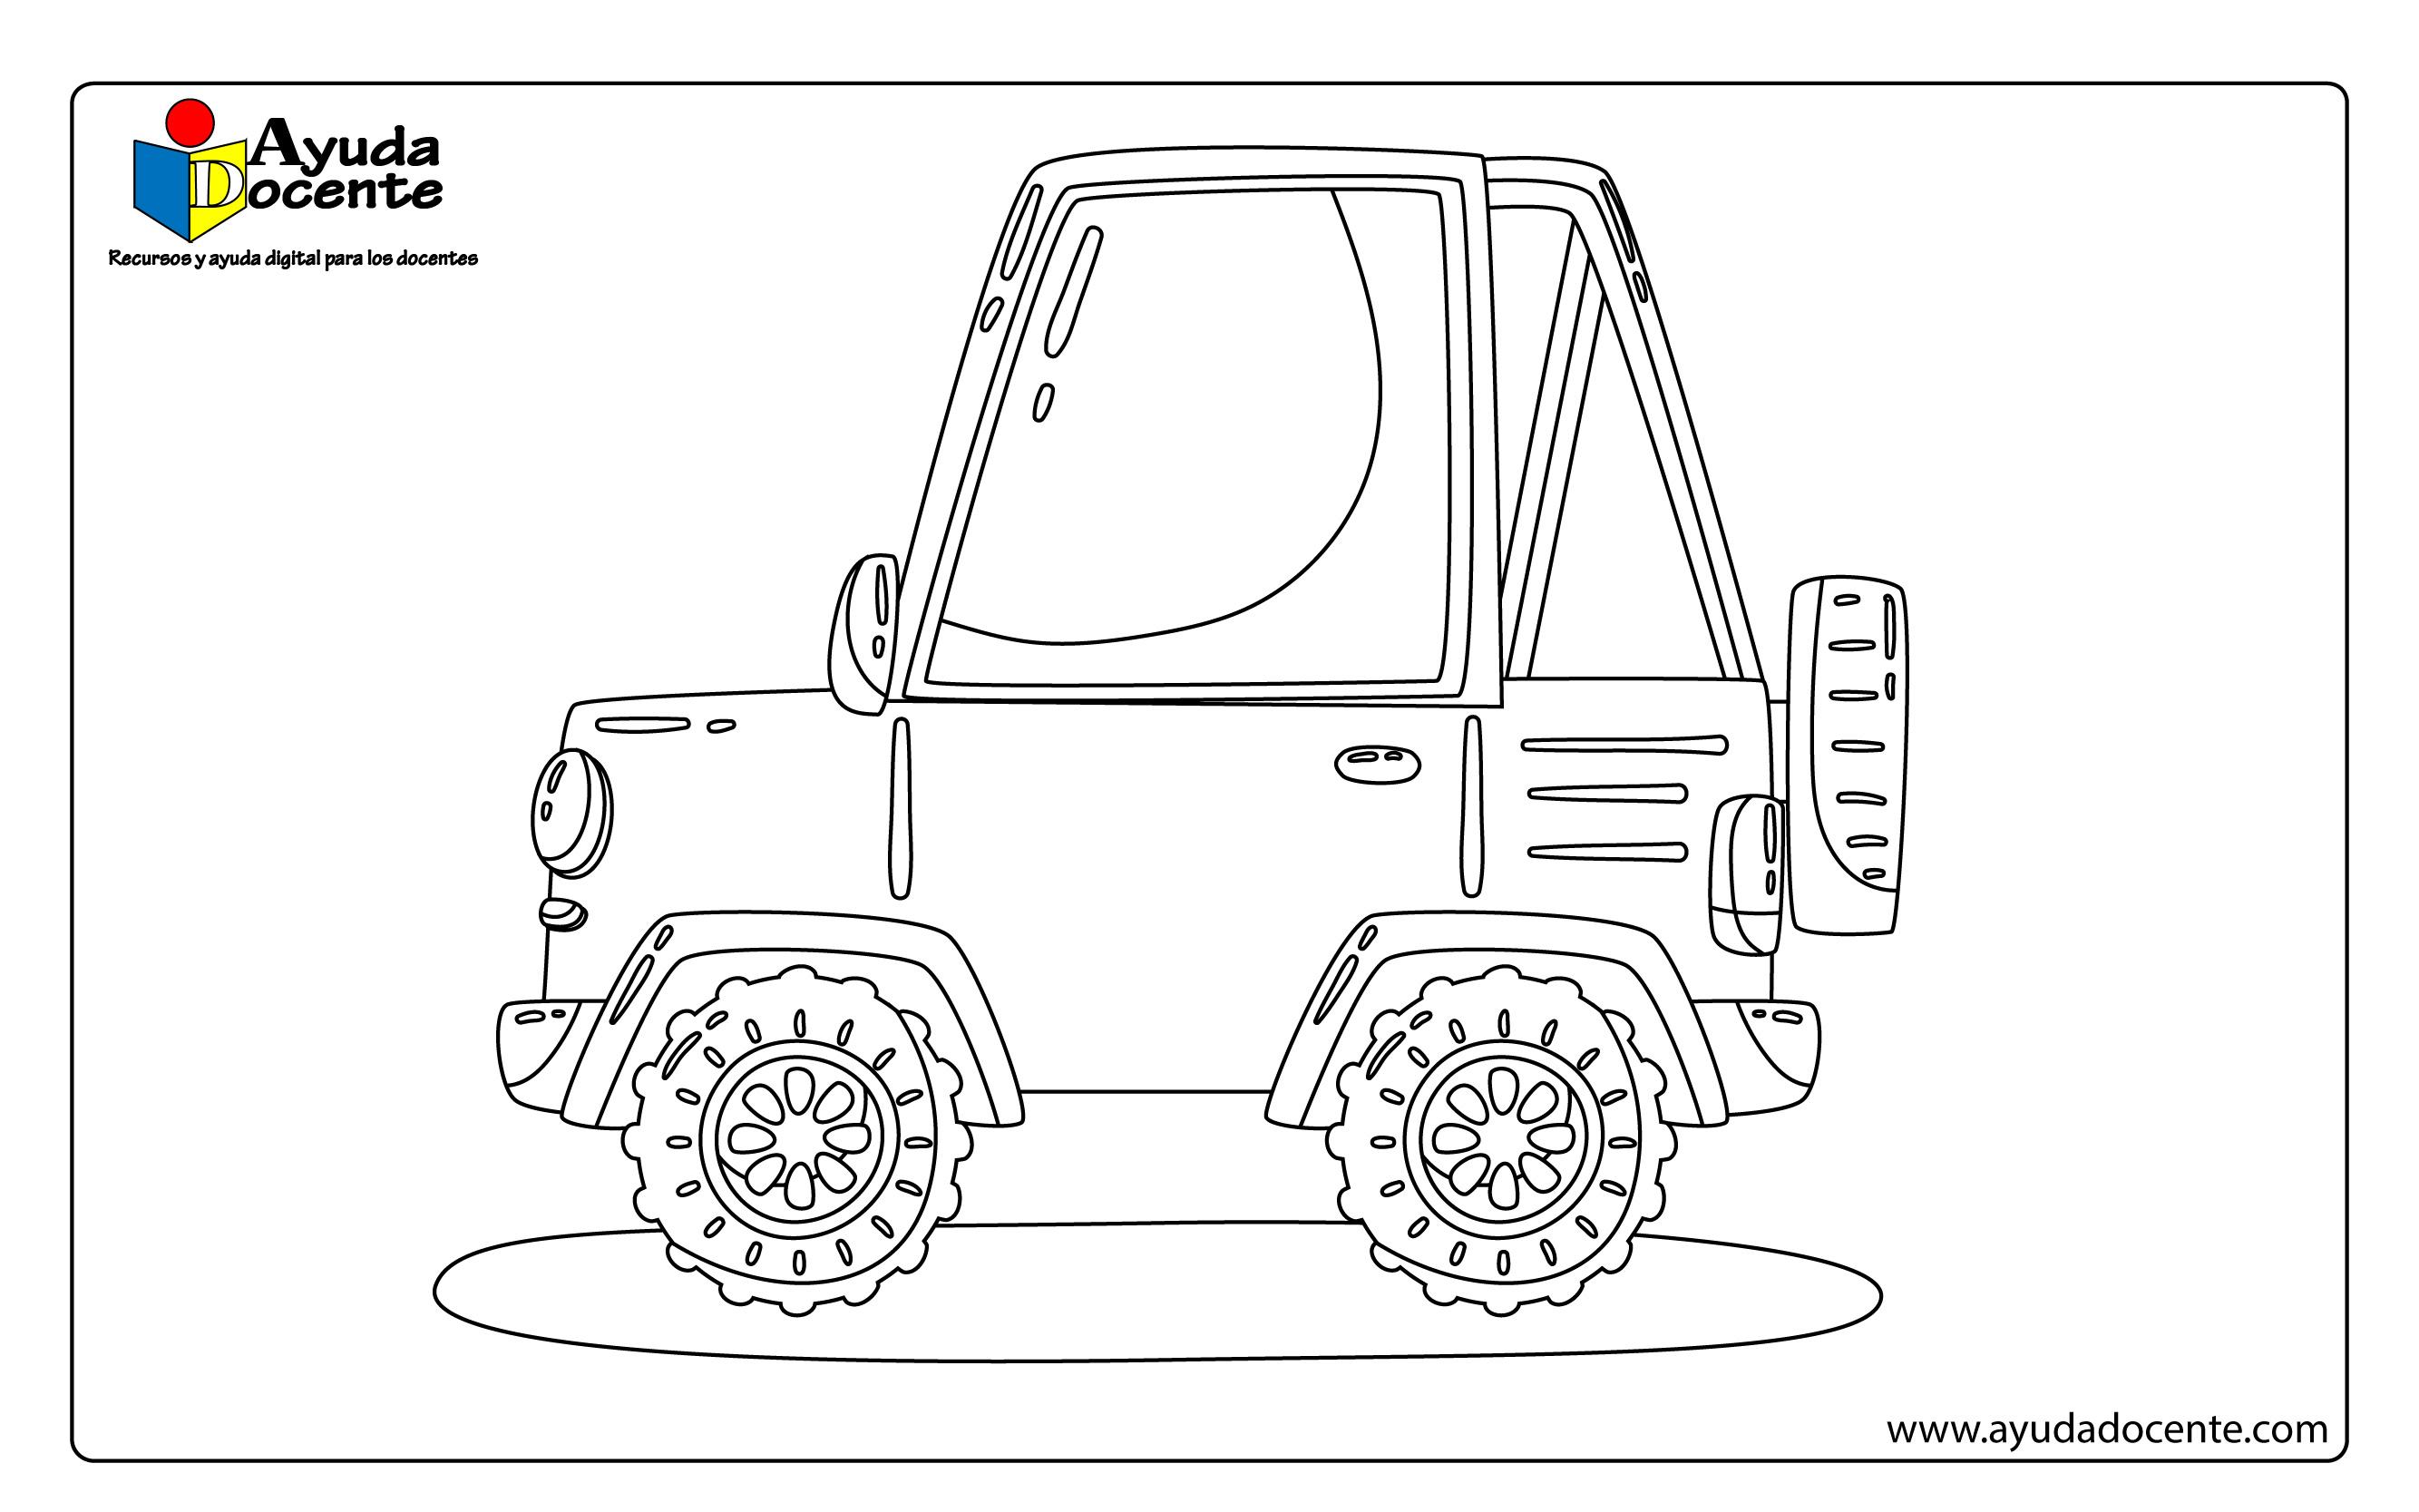 Imagenes De Carros Para Colorear: Dibujos De Autos Para Colorear